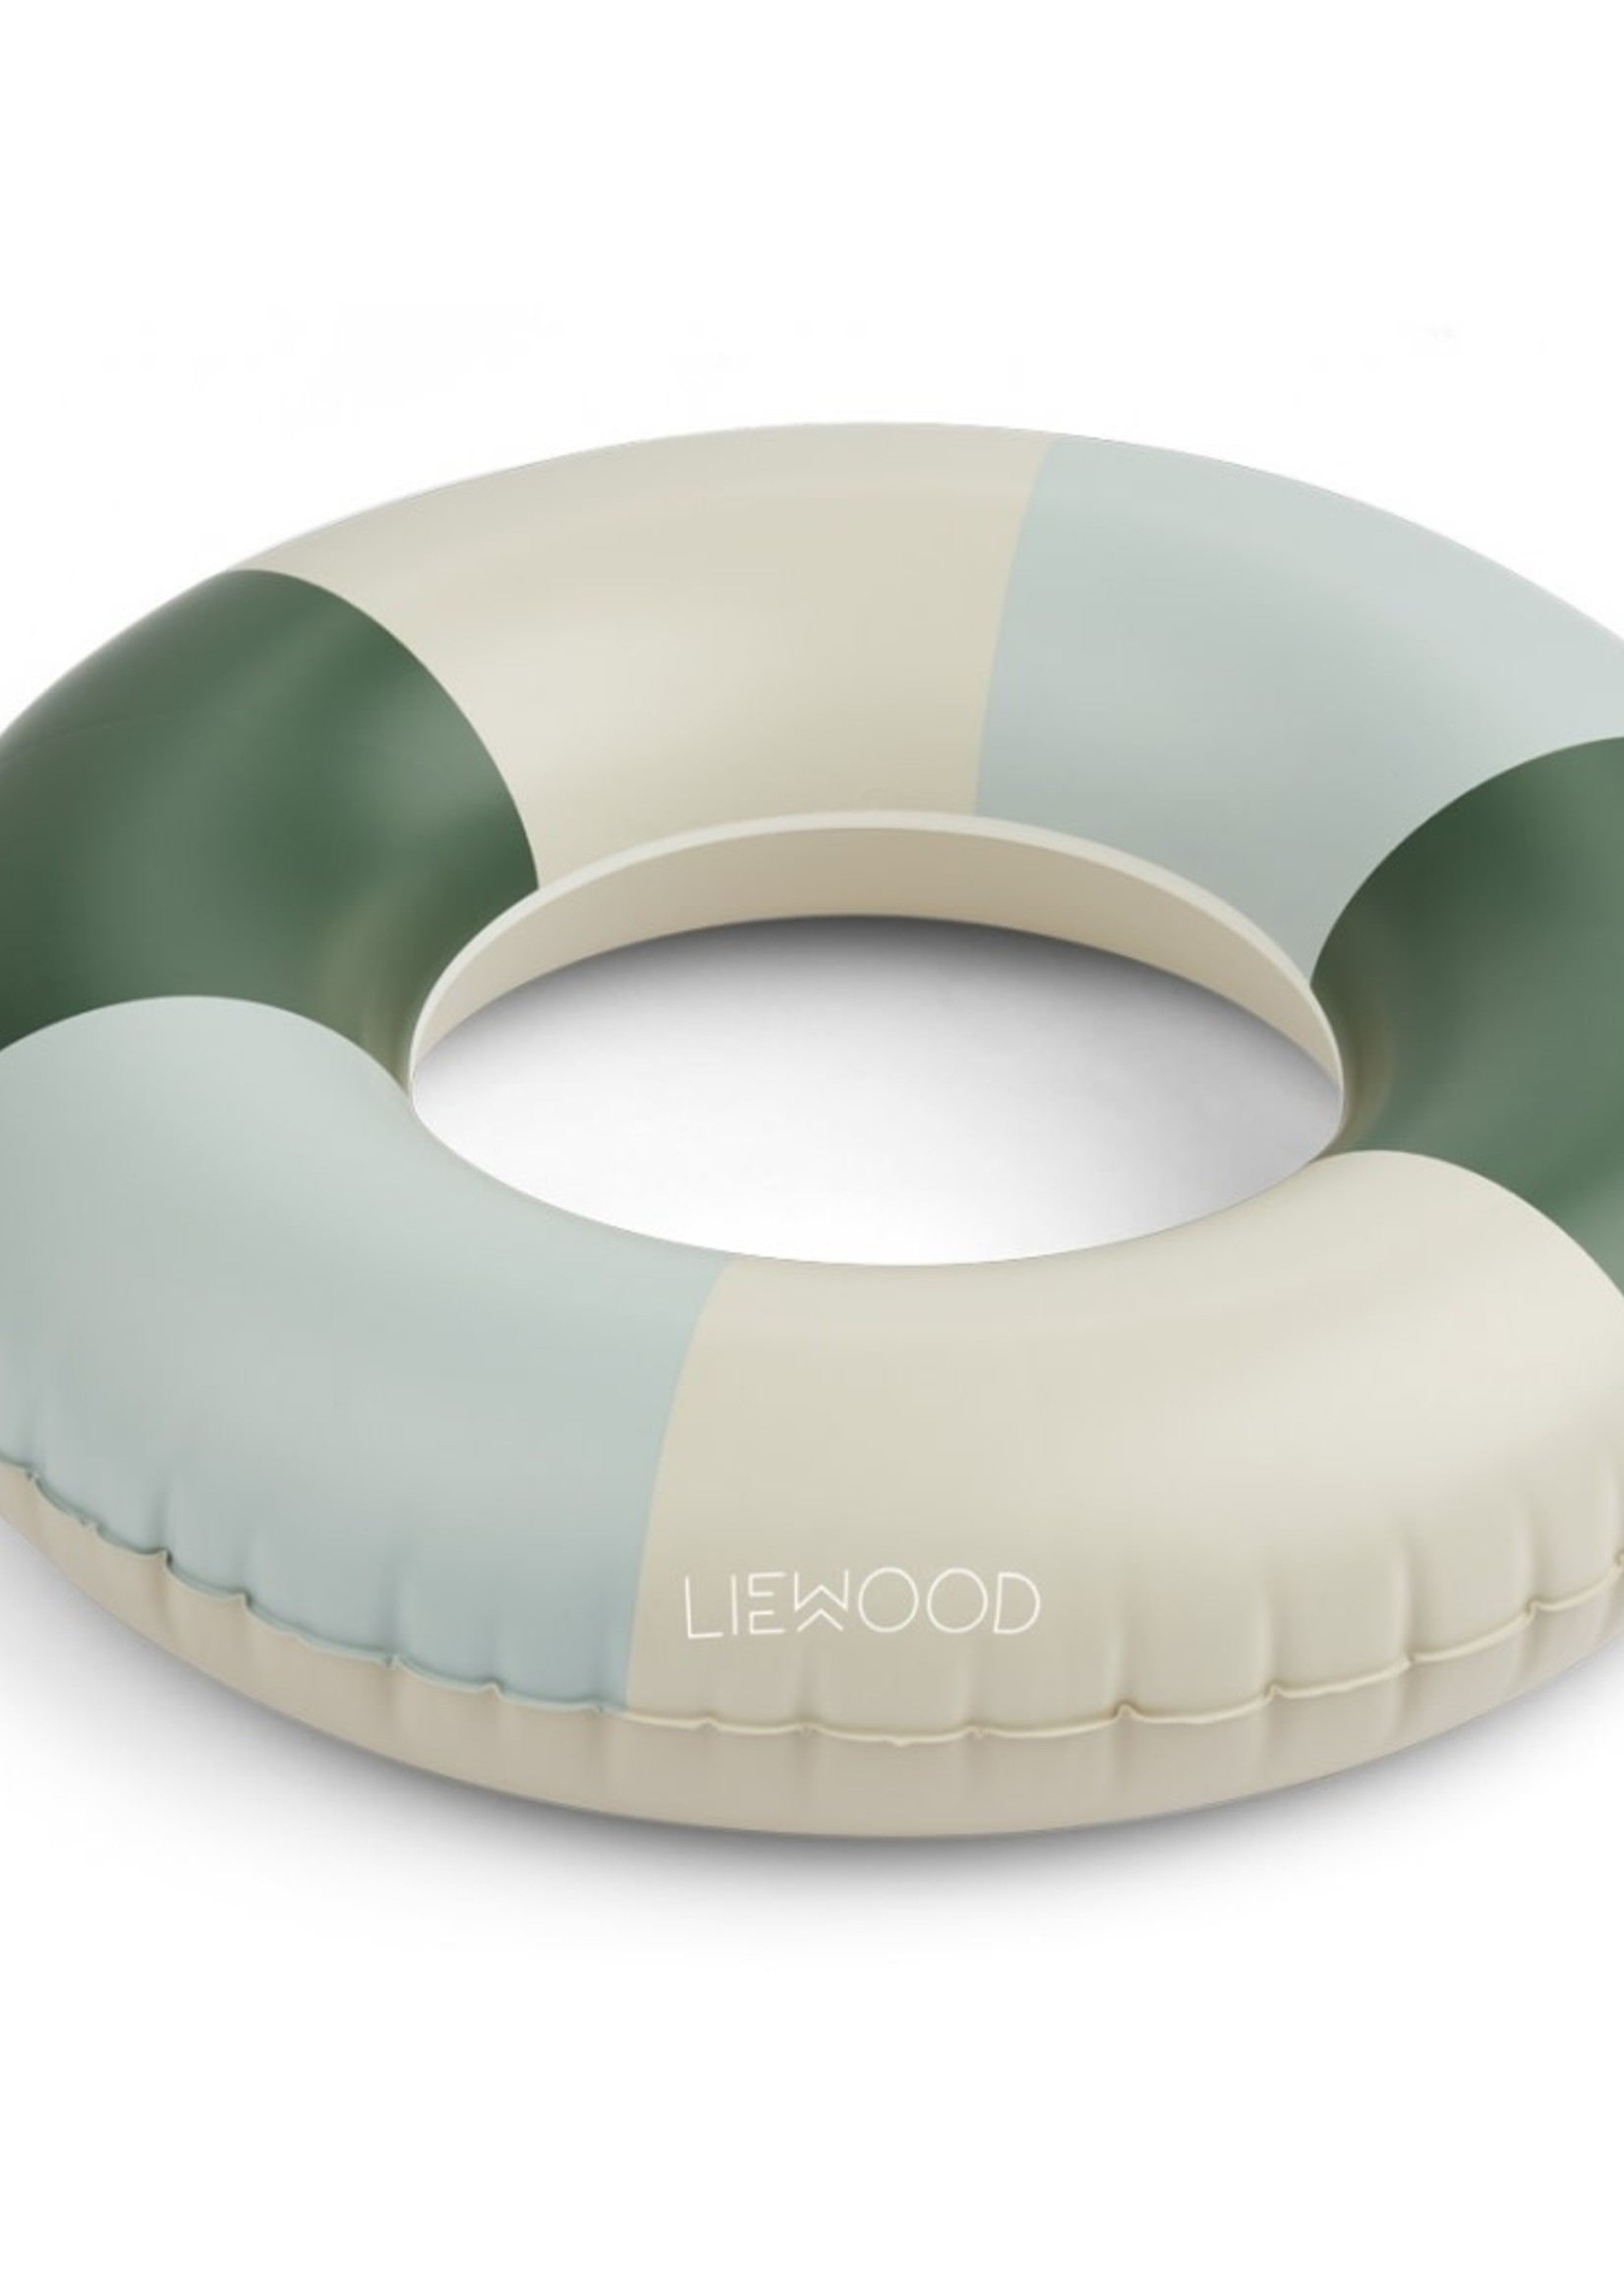 liewood Liewood-AW21 LW12908 Baloo swim ring